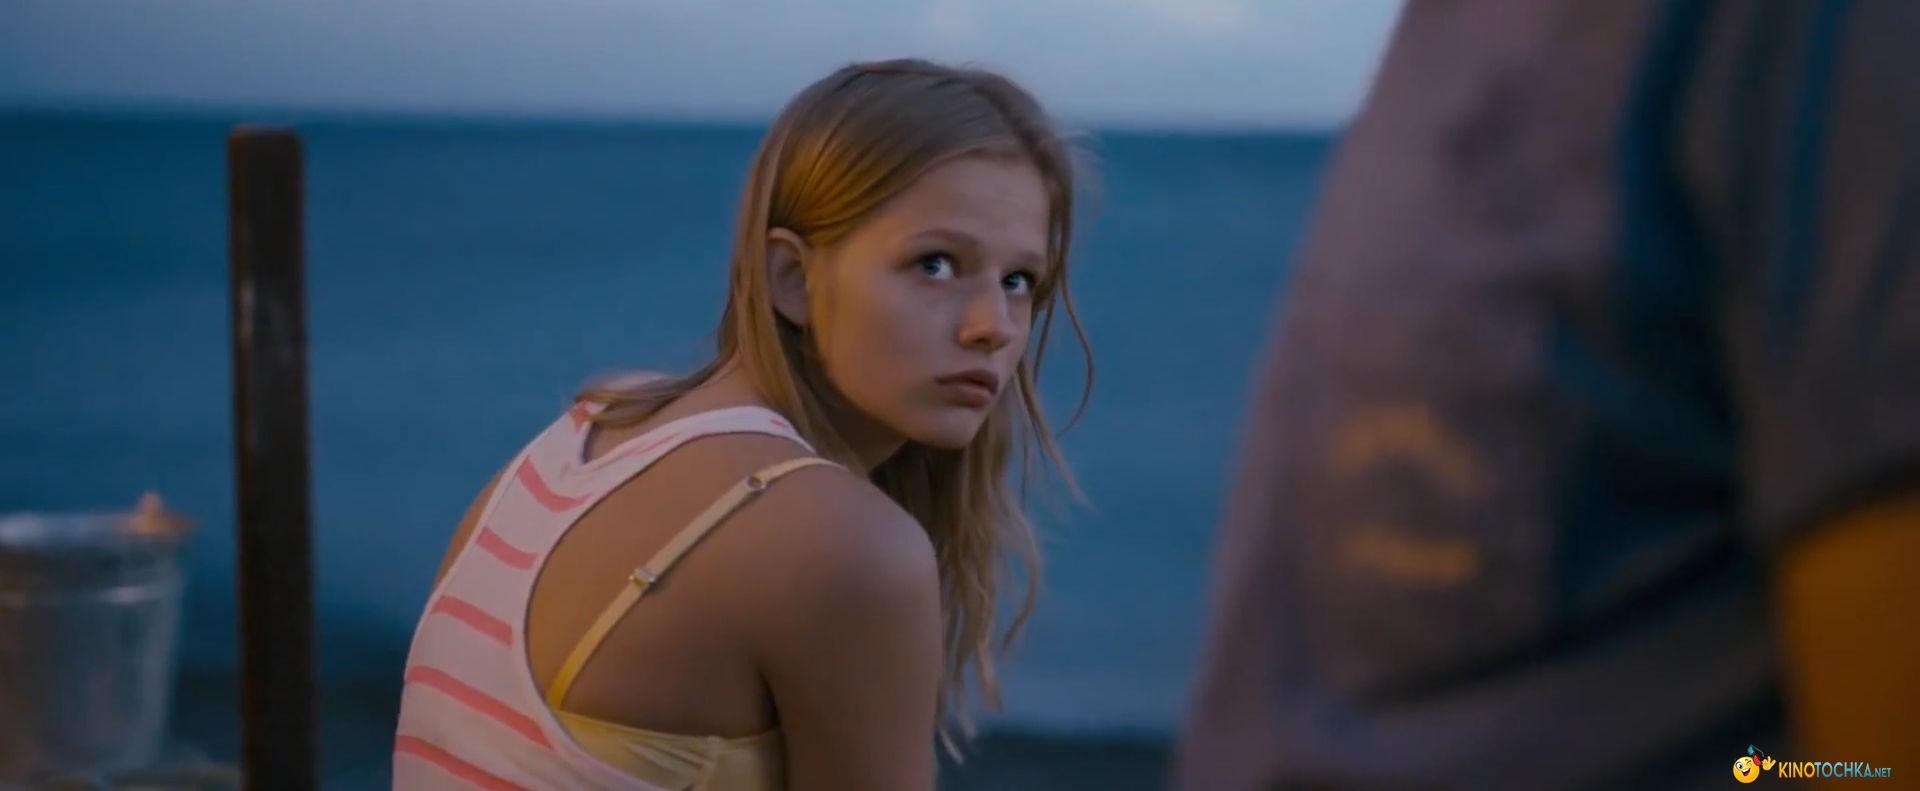 Смотреть фильм онлайн Пираты Карибского моря: Мертвецы не рассказывают сказки